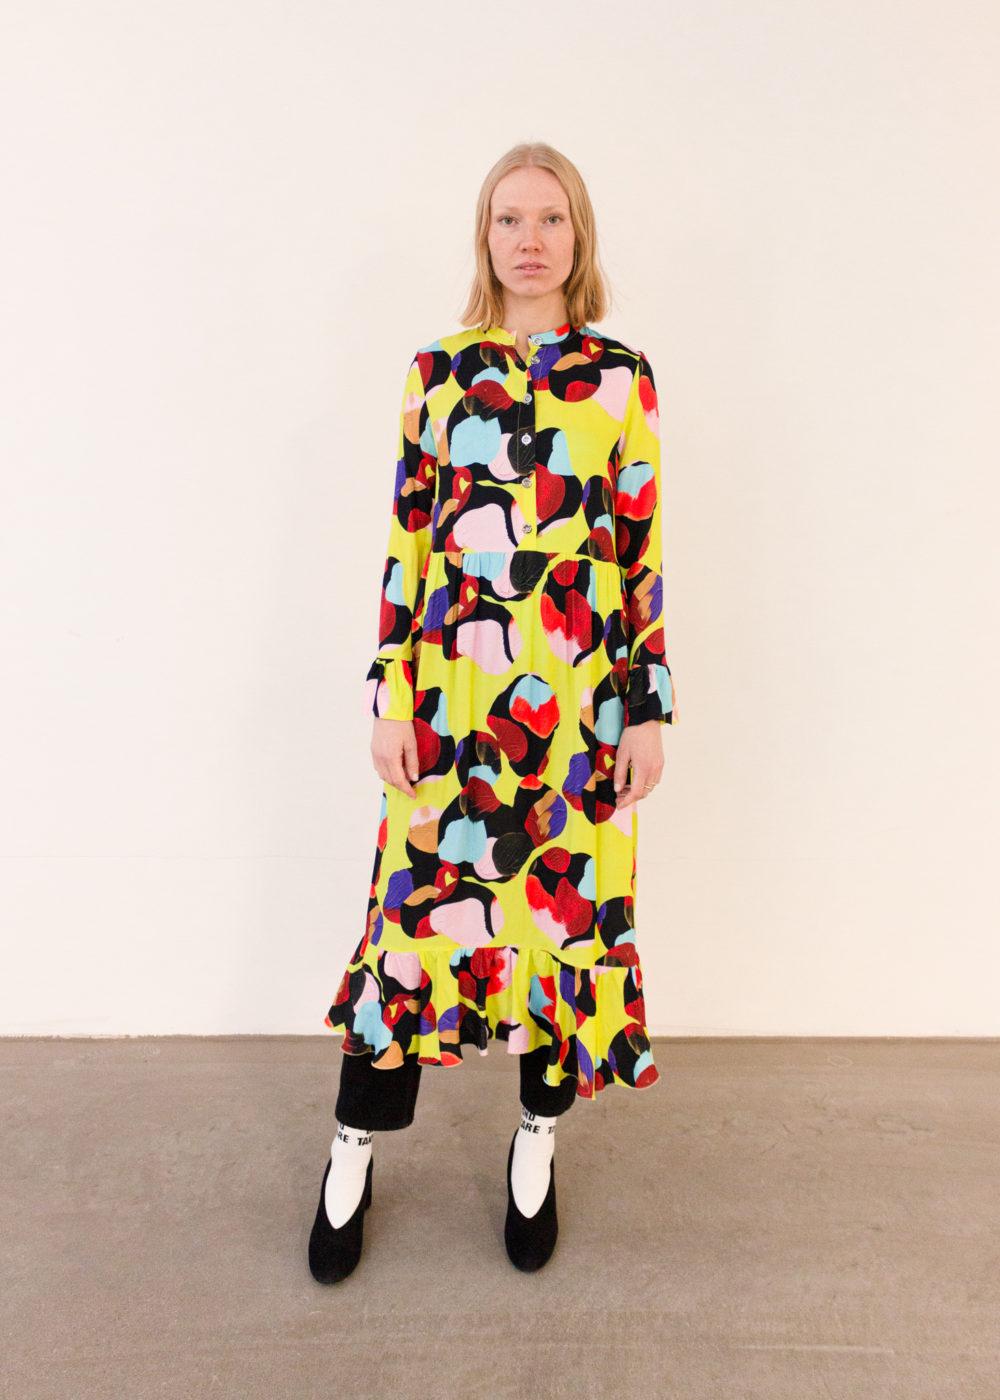 Vimma Frilla Dress TUUVA aamu värikäs S-L - aamu, Frilla Dress, S-L, TUUVA, värikäs